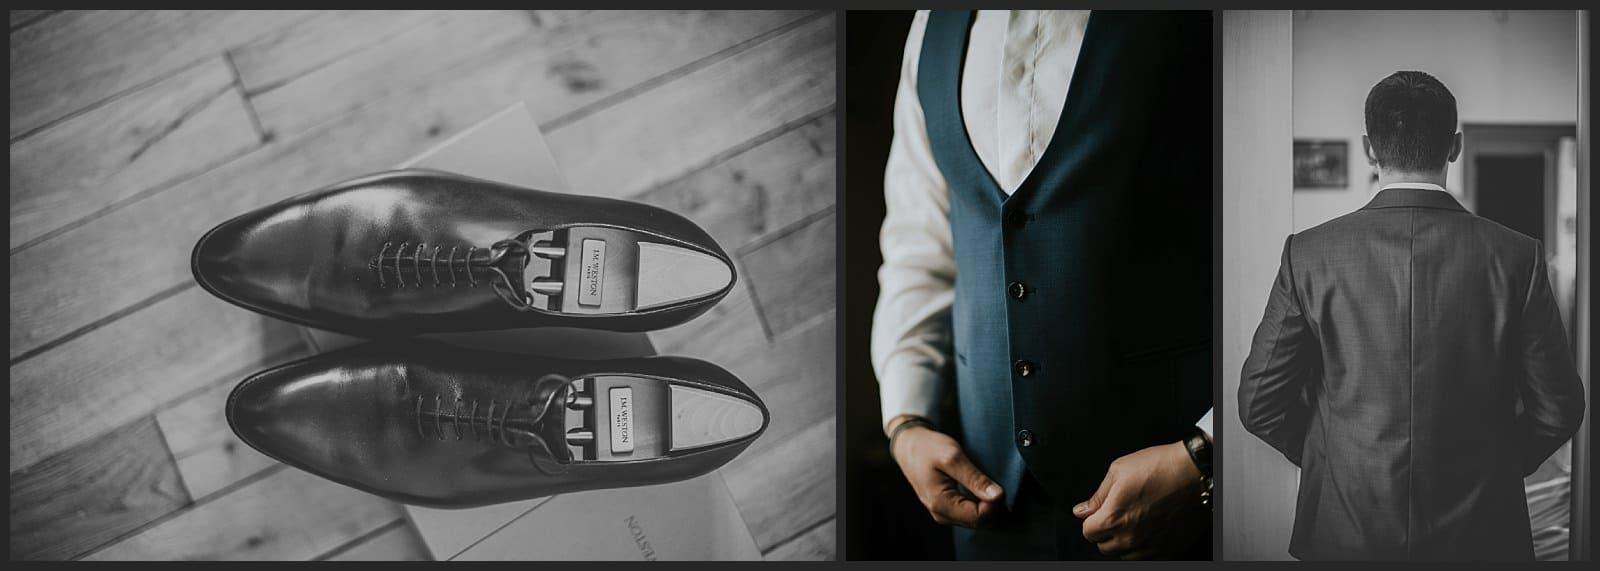 Photographe vivien malagnat détails de chaussure Weston et costume de marié Blandin et Delloye